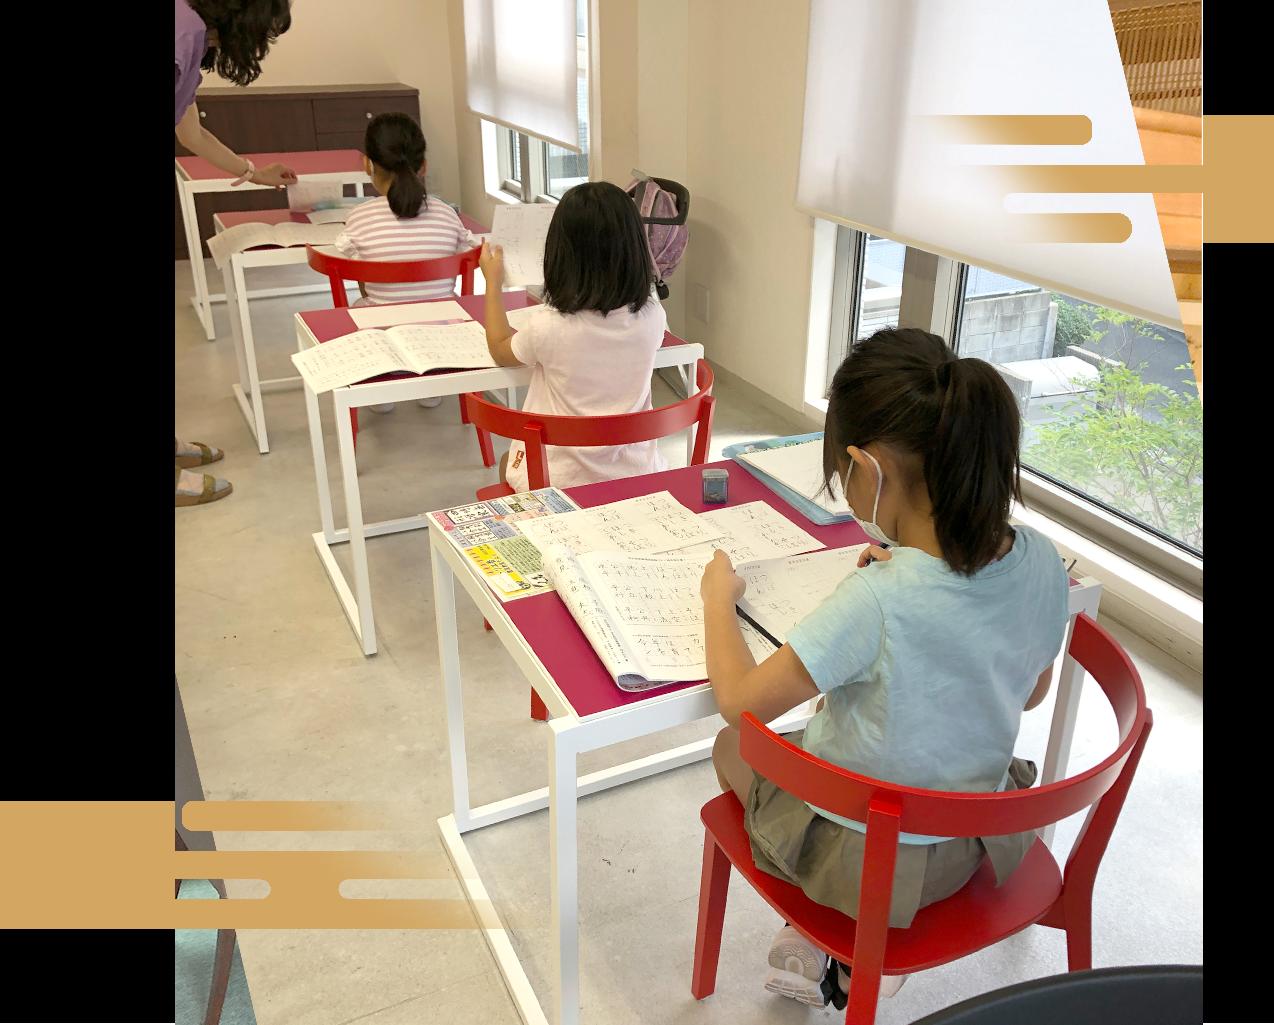 子ども書道・かきかた教室のイメージ